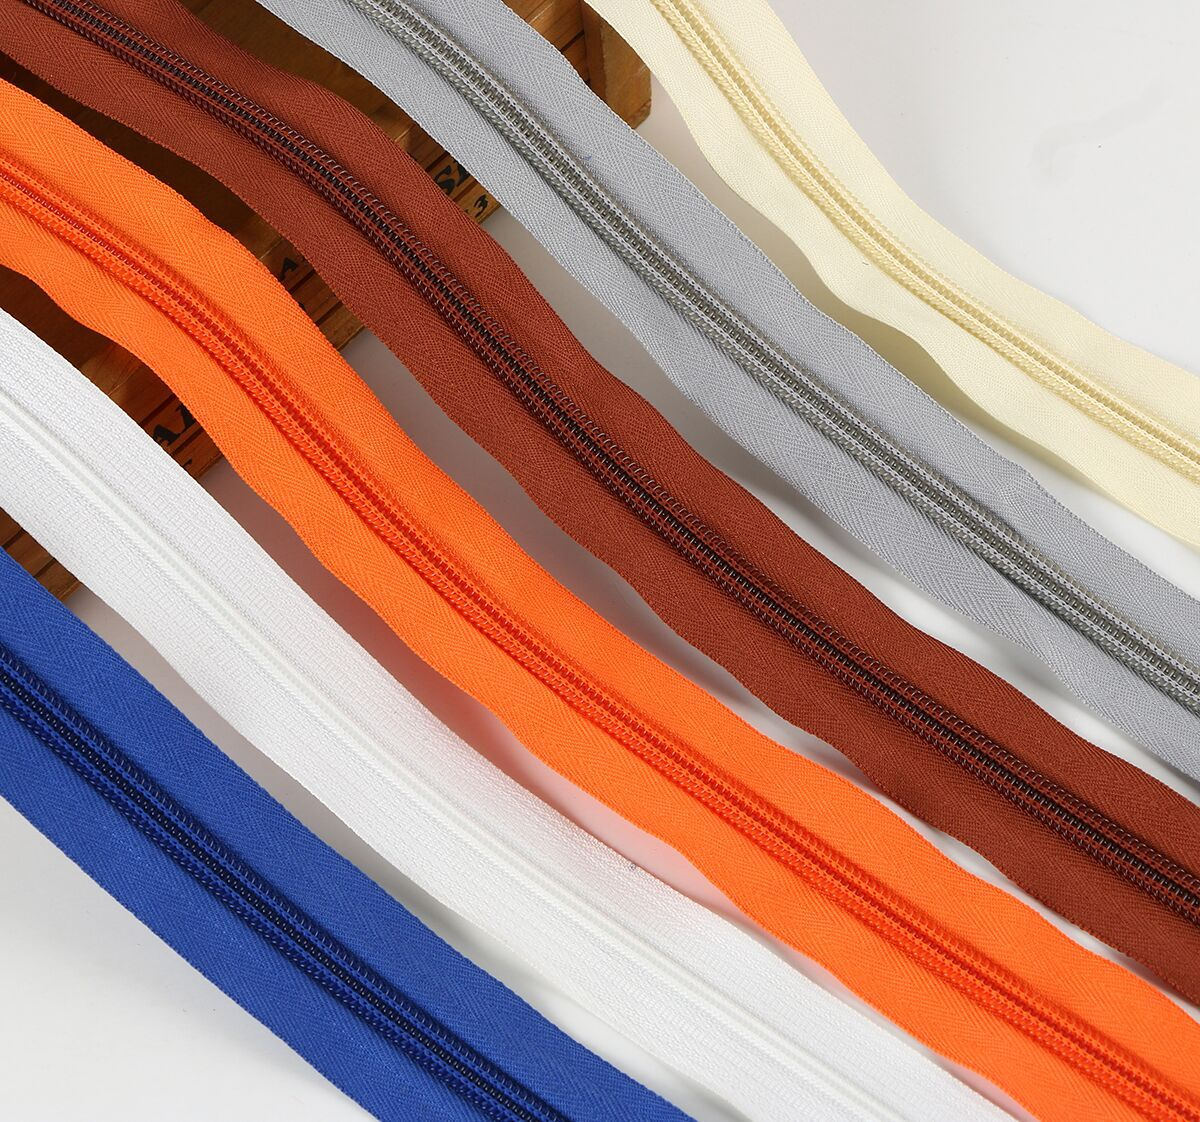 Dây kéo Nylon Nhà máy cung cấp trực tiếp chứng khoán số 3 5 dây kéo nylon mã dây kéo Vải màu với cổ